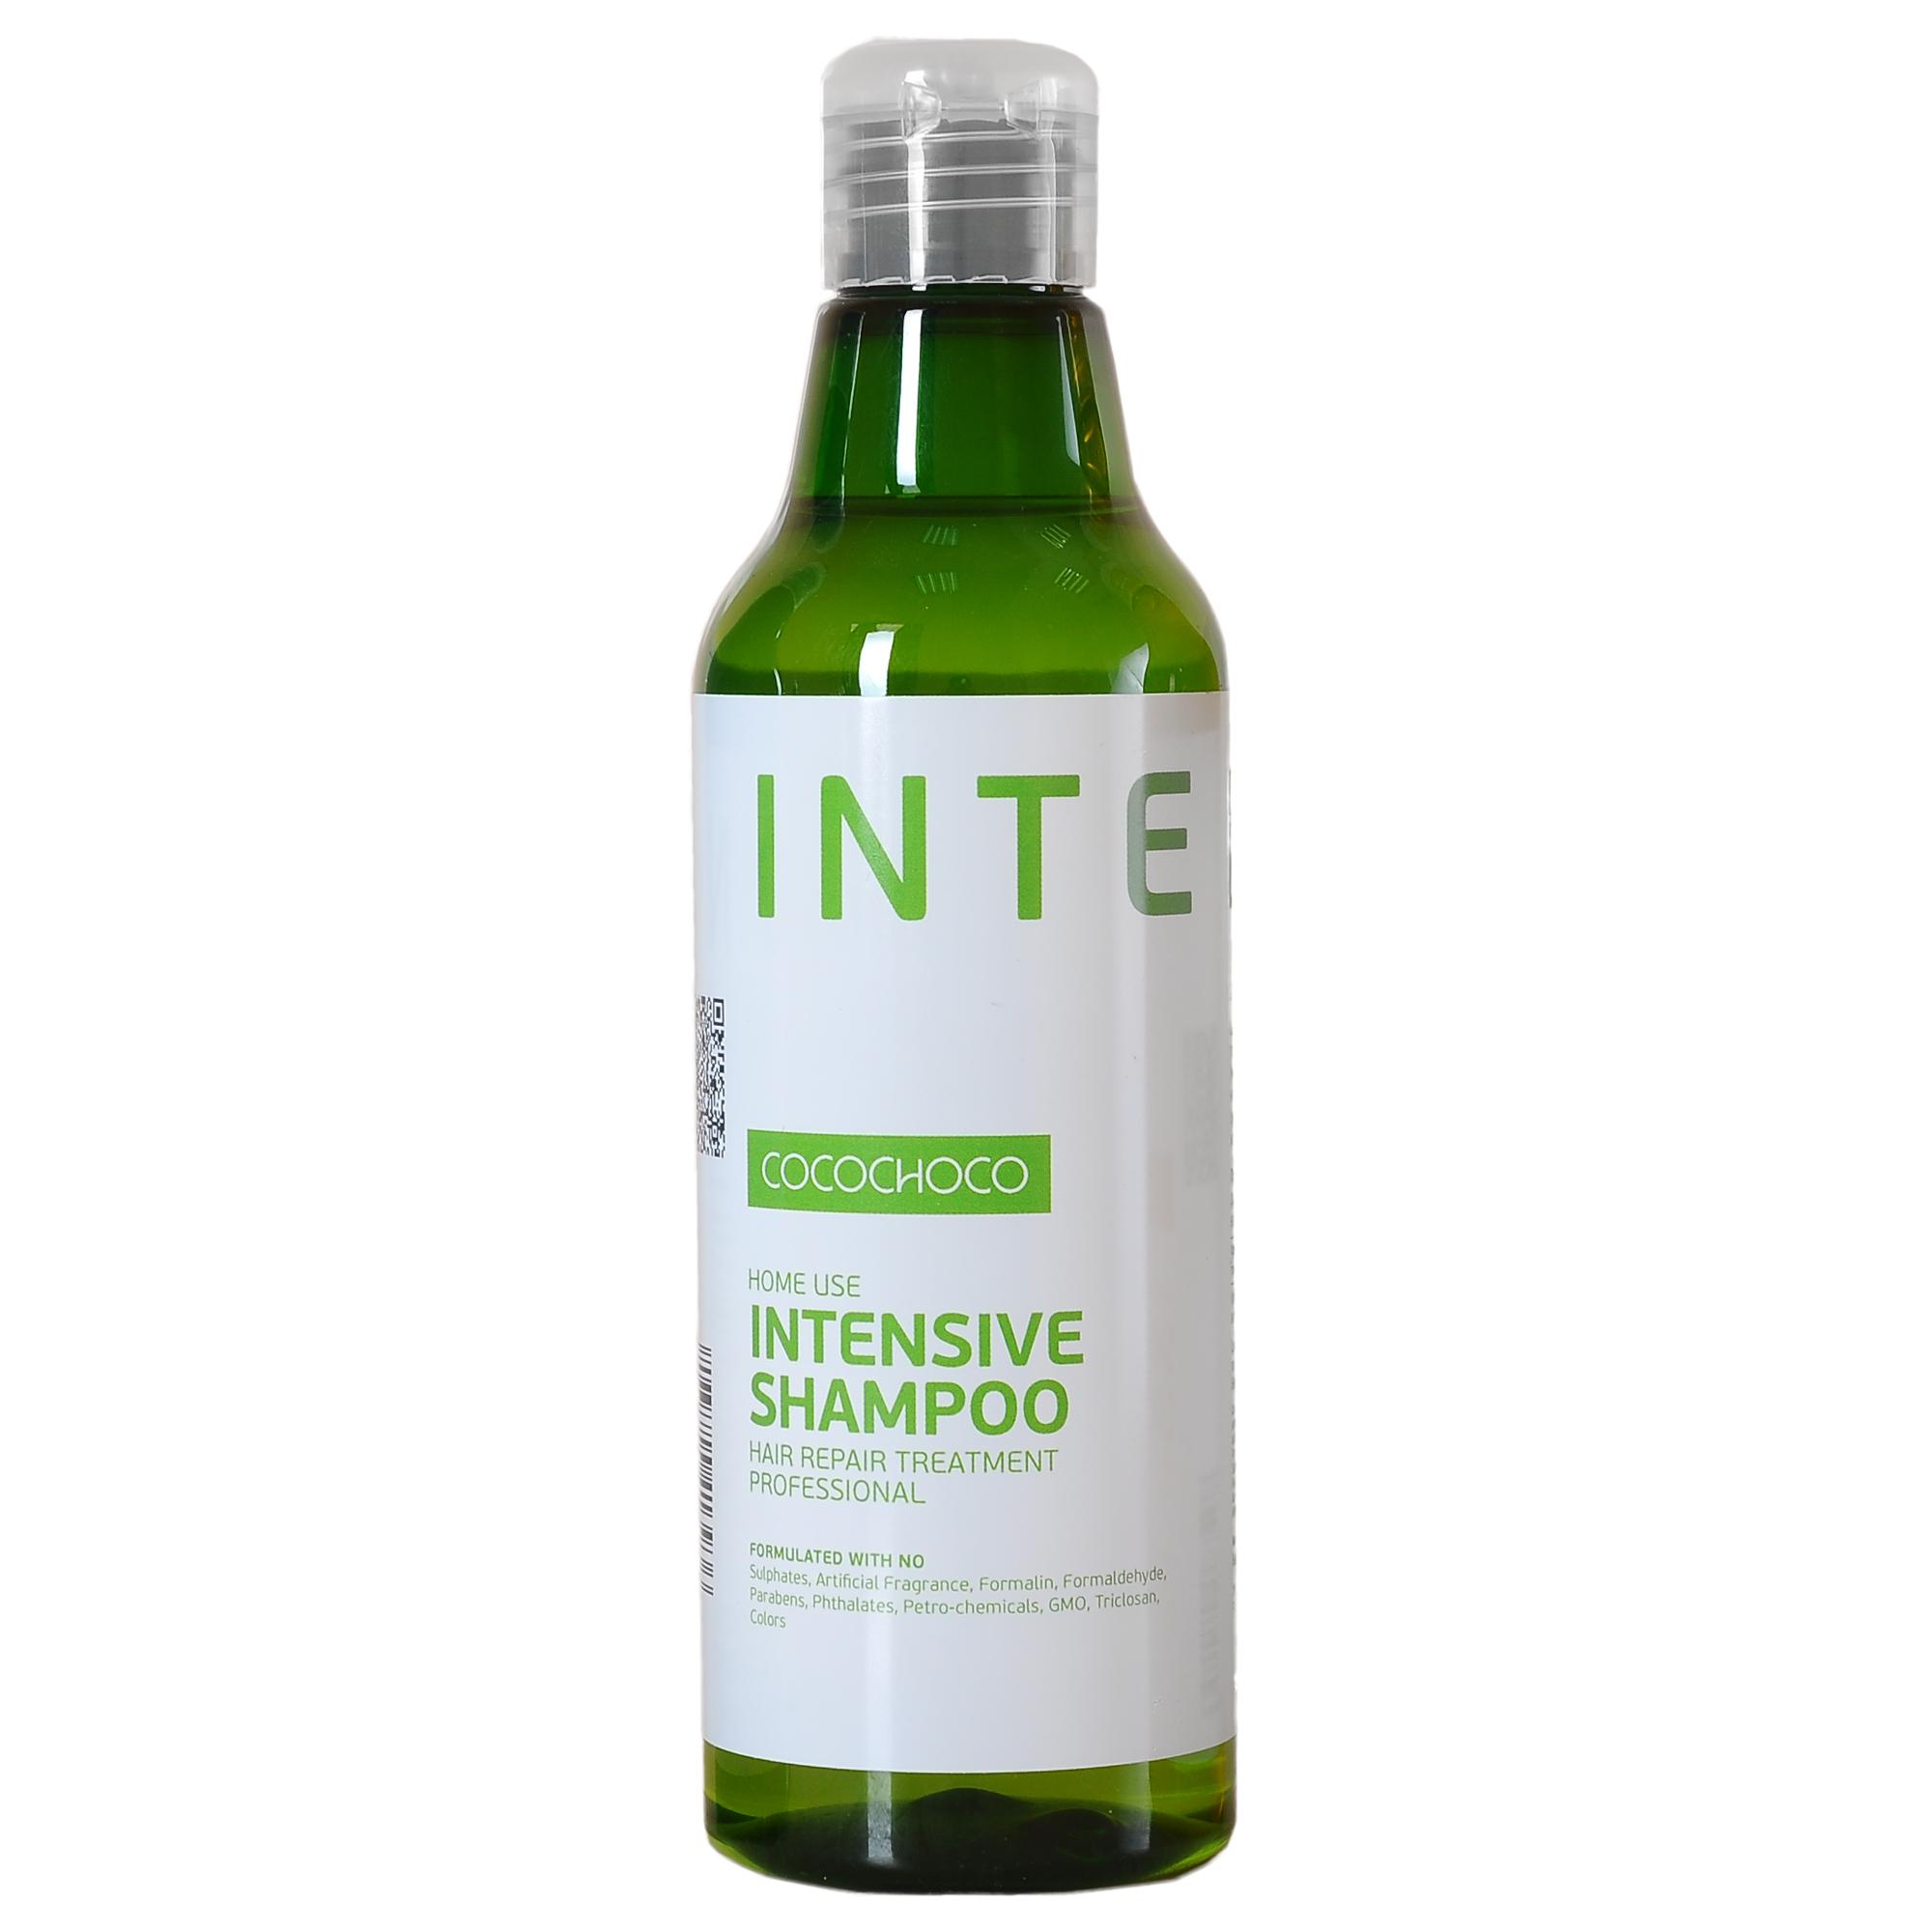 COCOCHOCO Шампунь для интенсивного увлажнения / INTENSIVE 250 млШампуни<br>Шампунь Intensive Shampoo для интенсивного увлажнения и ухода за сухими и повреждёнными волосами. Глубоко проникает в структуру волоса, питает от корней до самых кончиков, устраняет и предотвращает ломкость, облегчает расчёсывание. Идеально подходит как средство ухода после процедуры кератинового восстановления волос. Способ применения: нанесите на влажные волосы массируя, равномерно распределите по волосам. Добавьте еще немного воды и помассируйте снова. Оставьте на 1-2 минуты. Тщательно смойте и повторите при необходимости. Активные ингредиенты: KERAMIMIC   натуральный кватернизированный кератин, технология биомиметики воссоздает материю волоса, восстанавливает полипиптидные цепочки, саморегулируемая формула. MIRUSTYLE   снижает пушистость, придает гладкость волосам, отлично работает как на прямых, так и на вьющихся волосах. LUSTRAPLEX   интенсивный компонент глубокого действия, распутывает волосы и облегчает расчесывание, придает сияние и блеск.<br><br>Объем: 250 мл